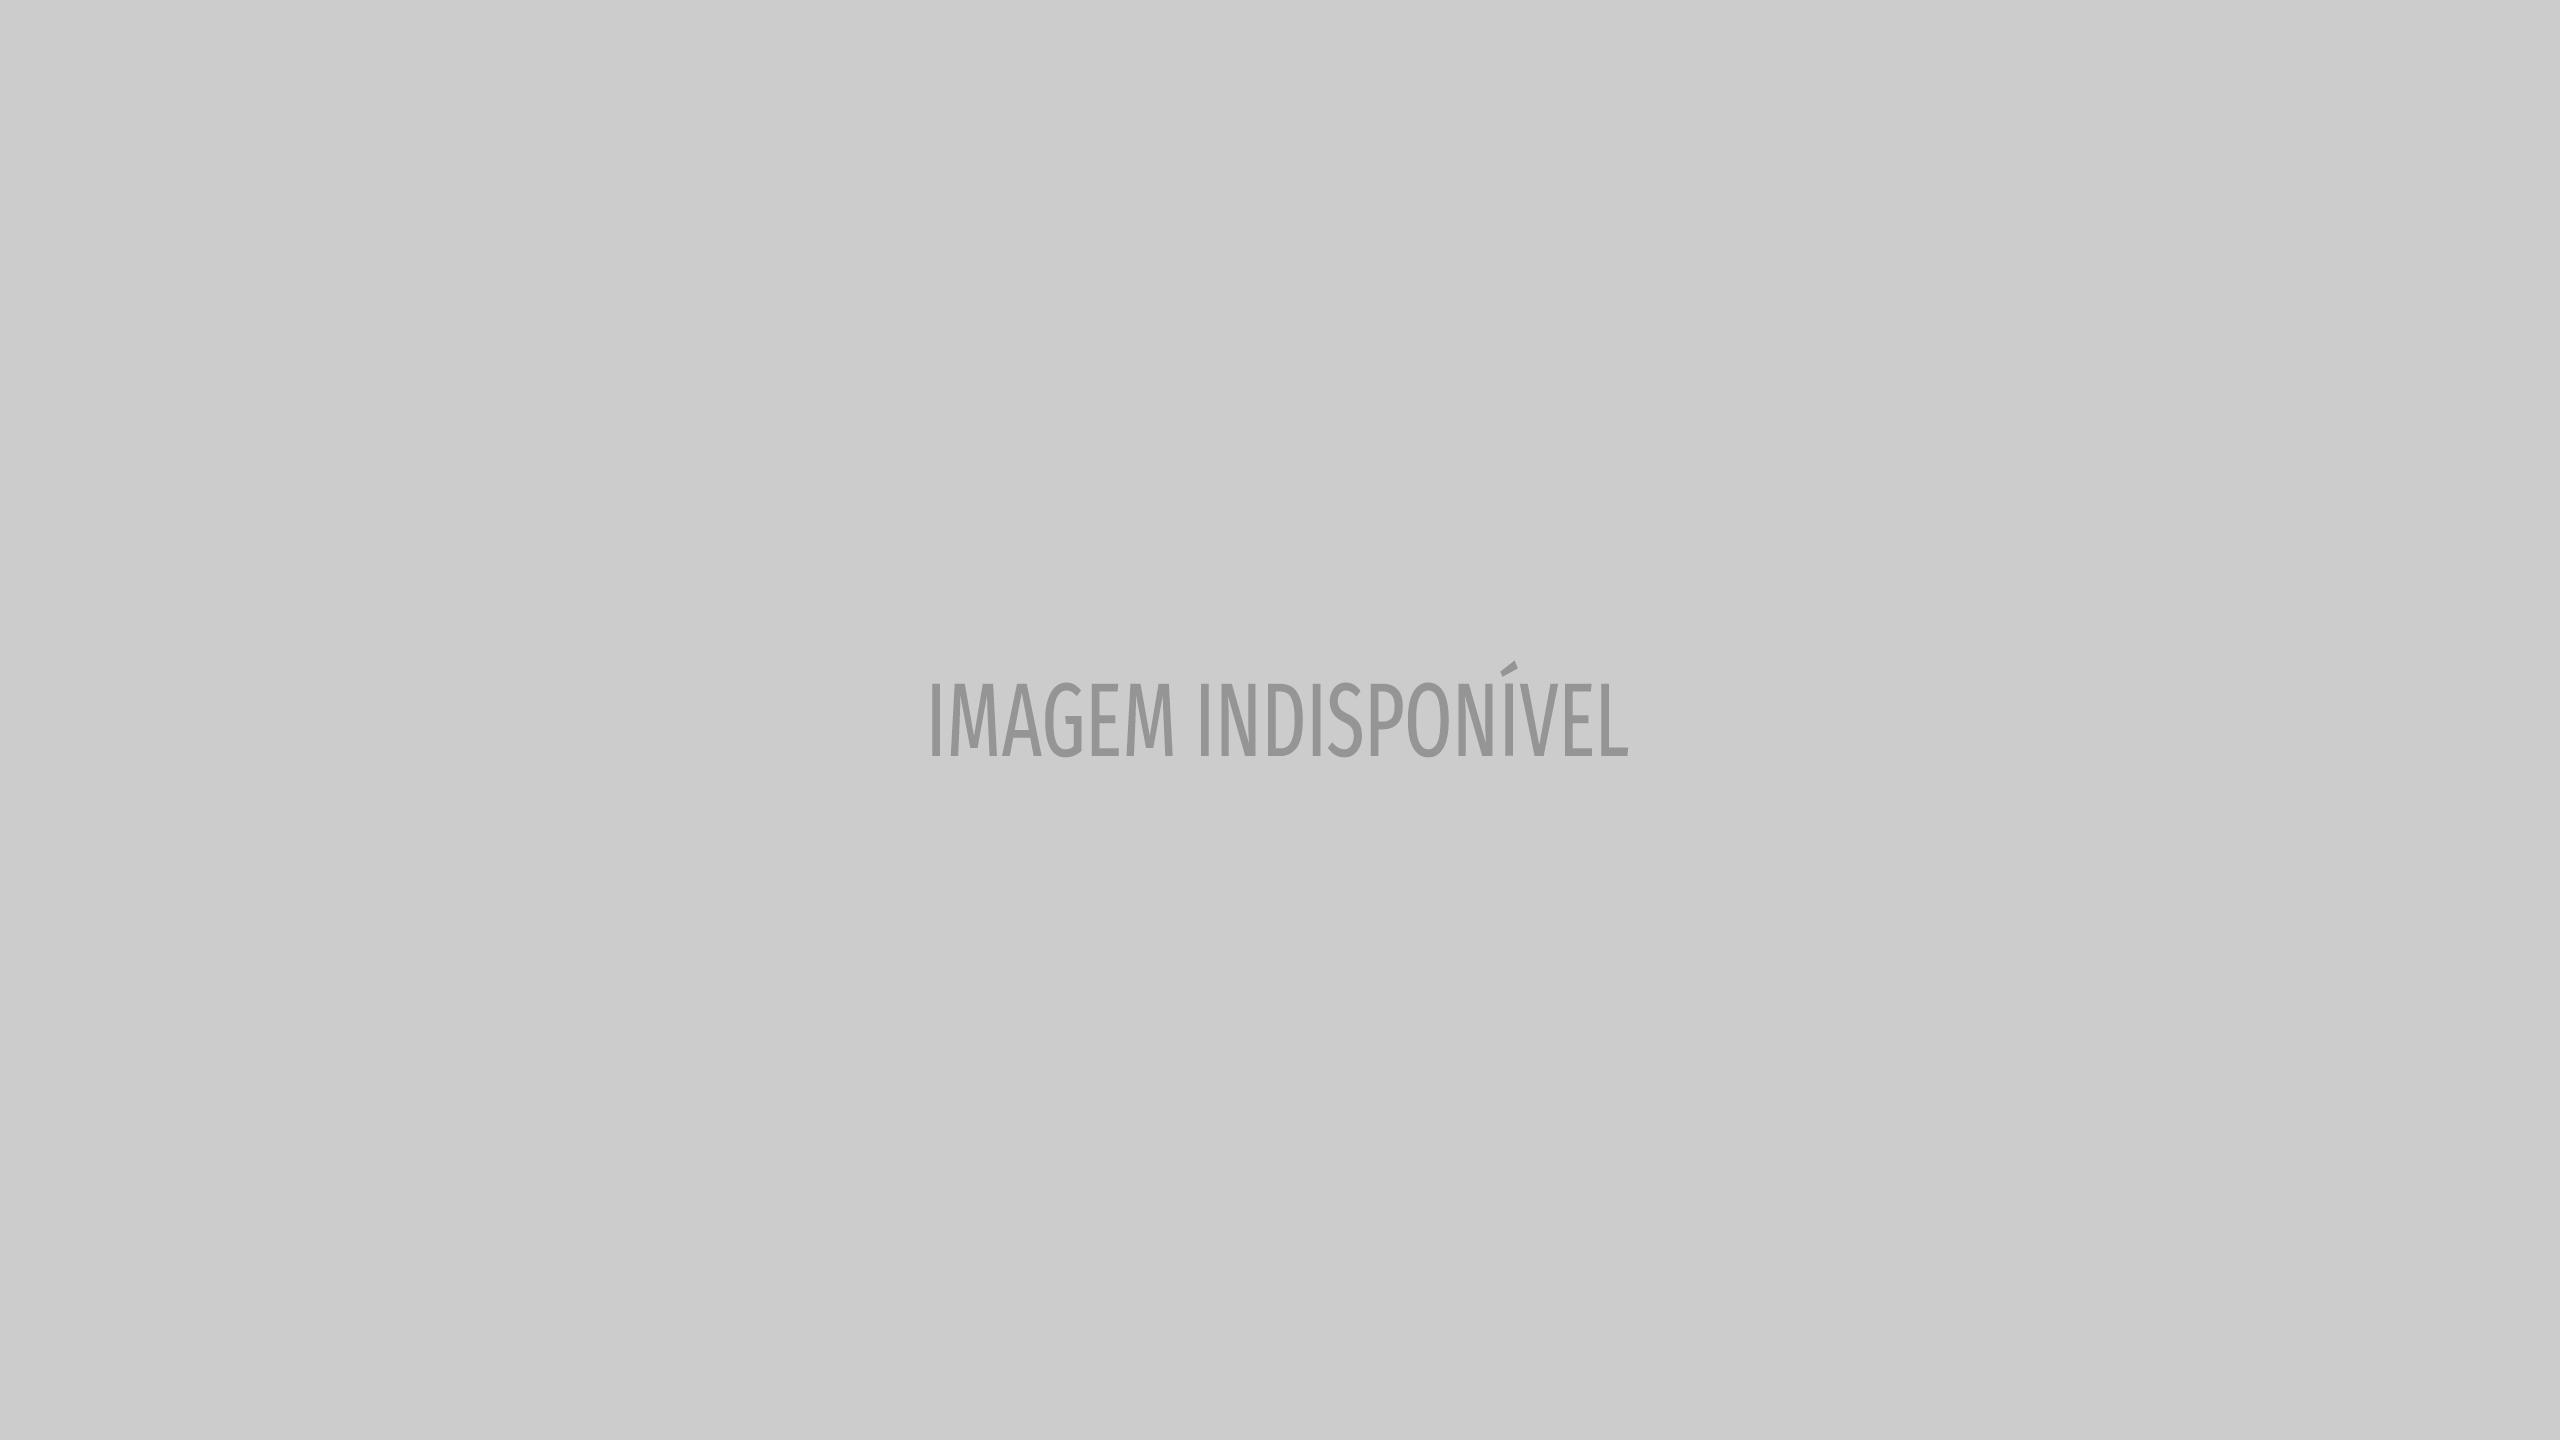 Carlos Costa concorre ao Festival da Eurovisão... mas pela Bielorrússia